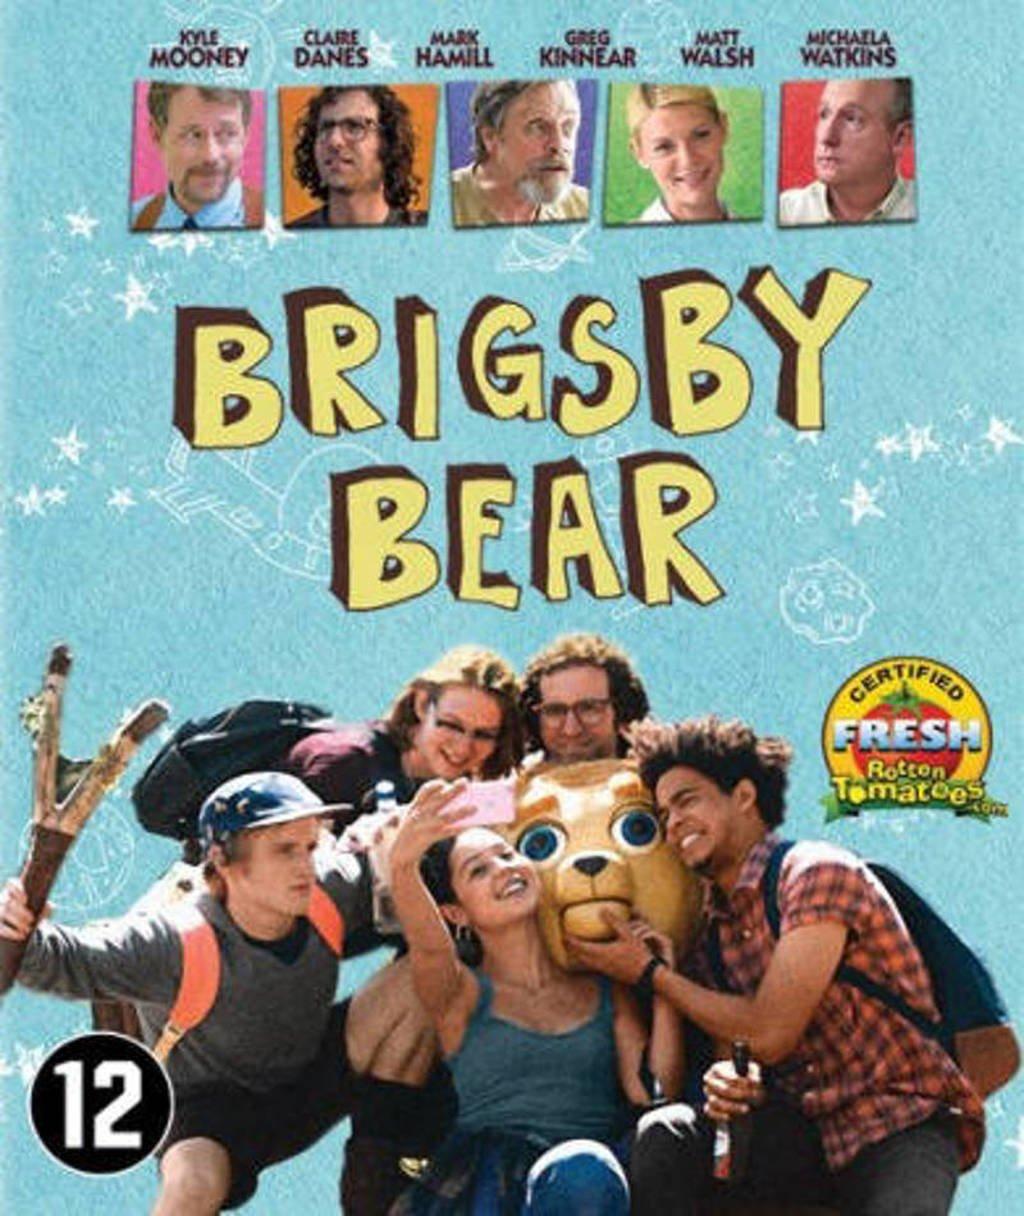 Brigsby bear (Blu-ray)